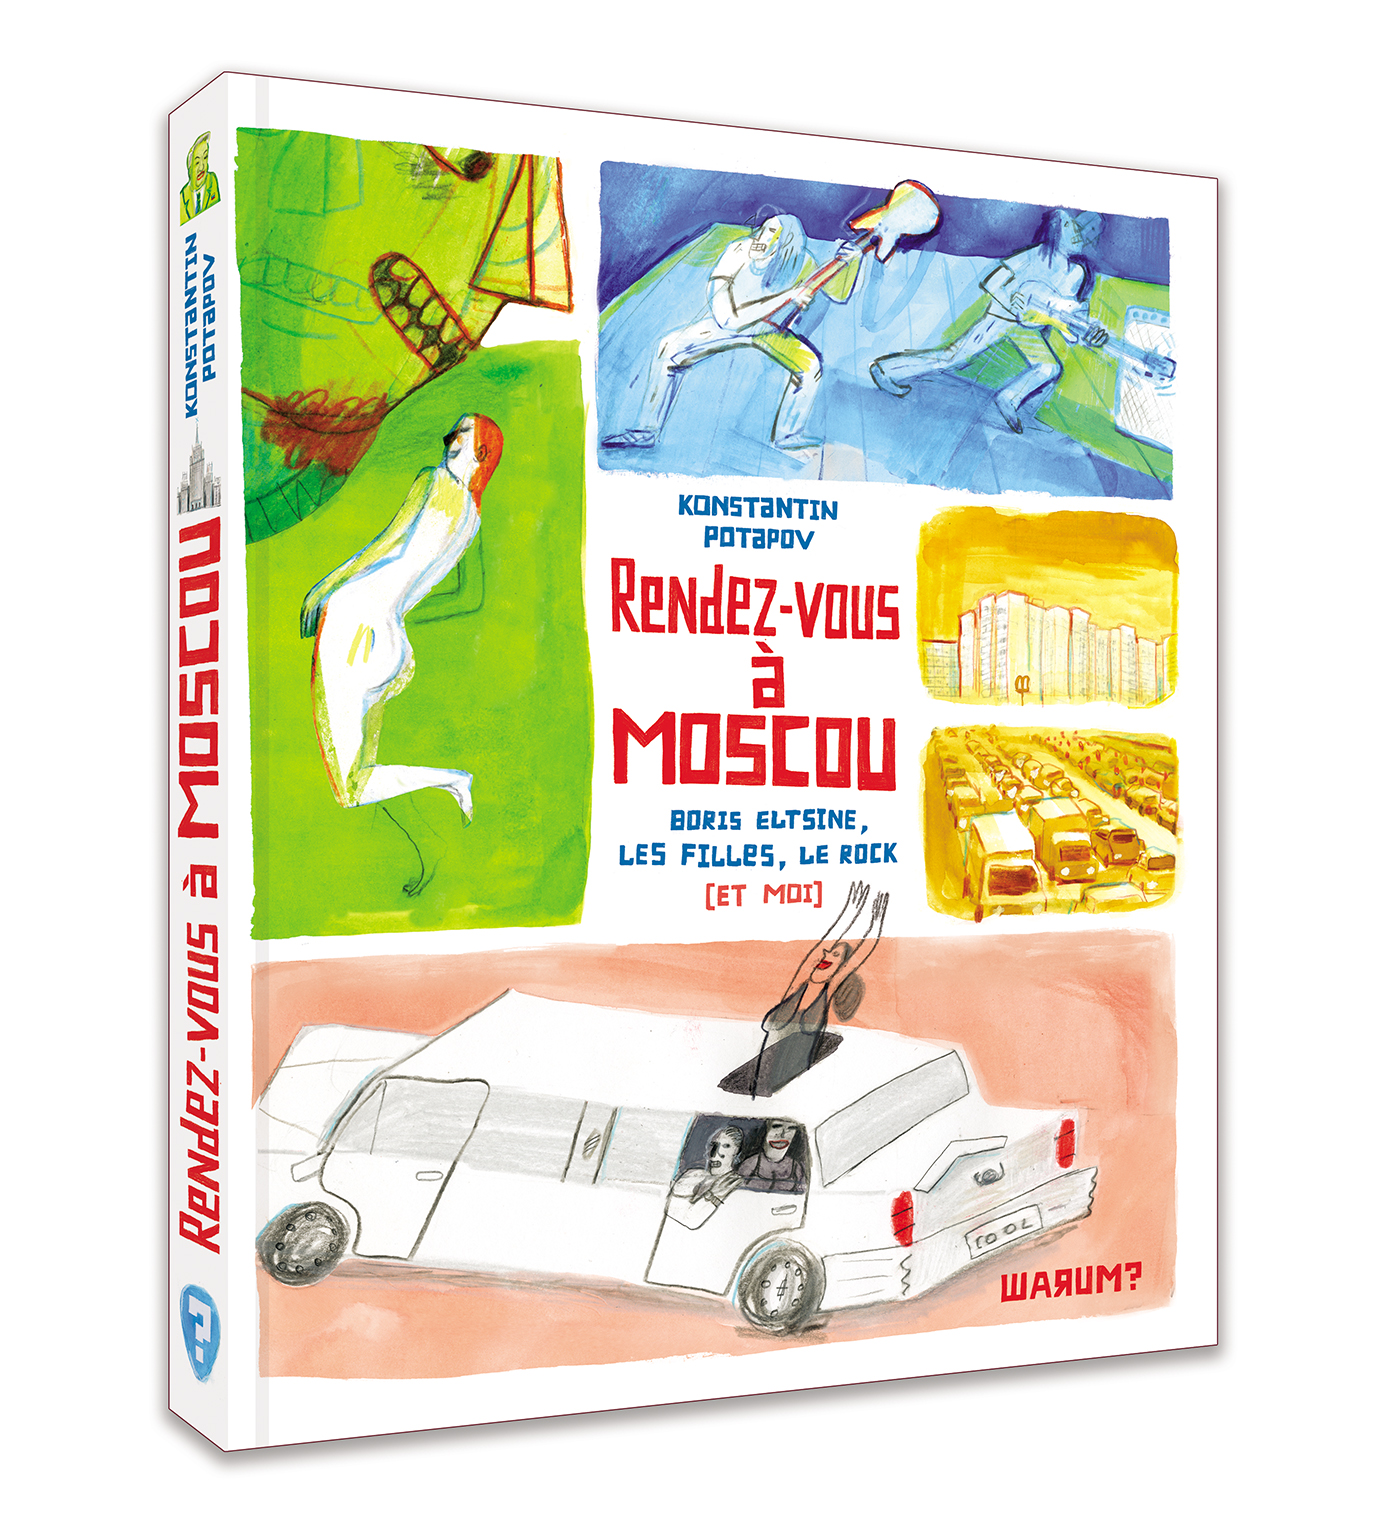 Rendez-vous à Moscou 1 - Rendez-vous à Moscou - Boris Eltsine, les filles, le rock